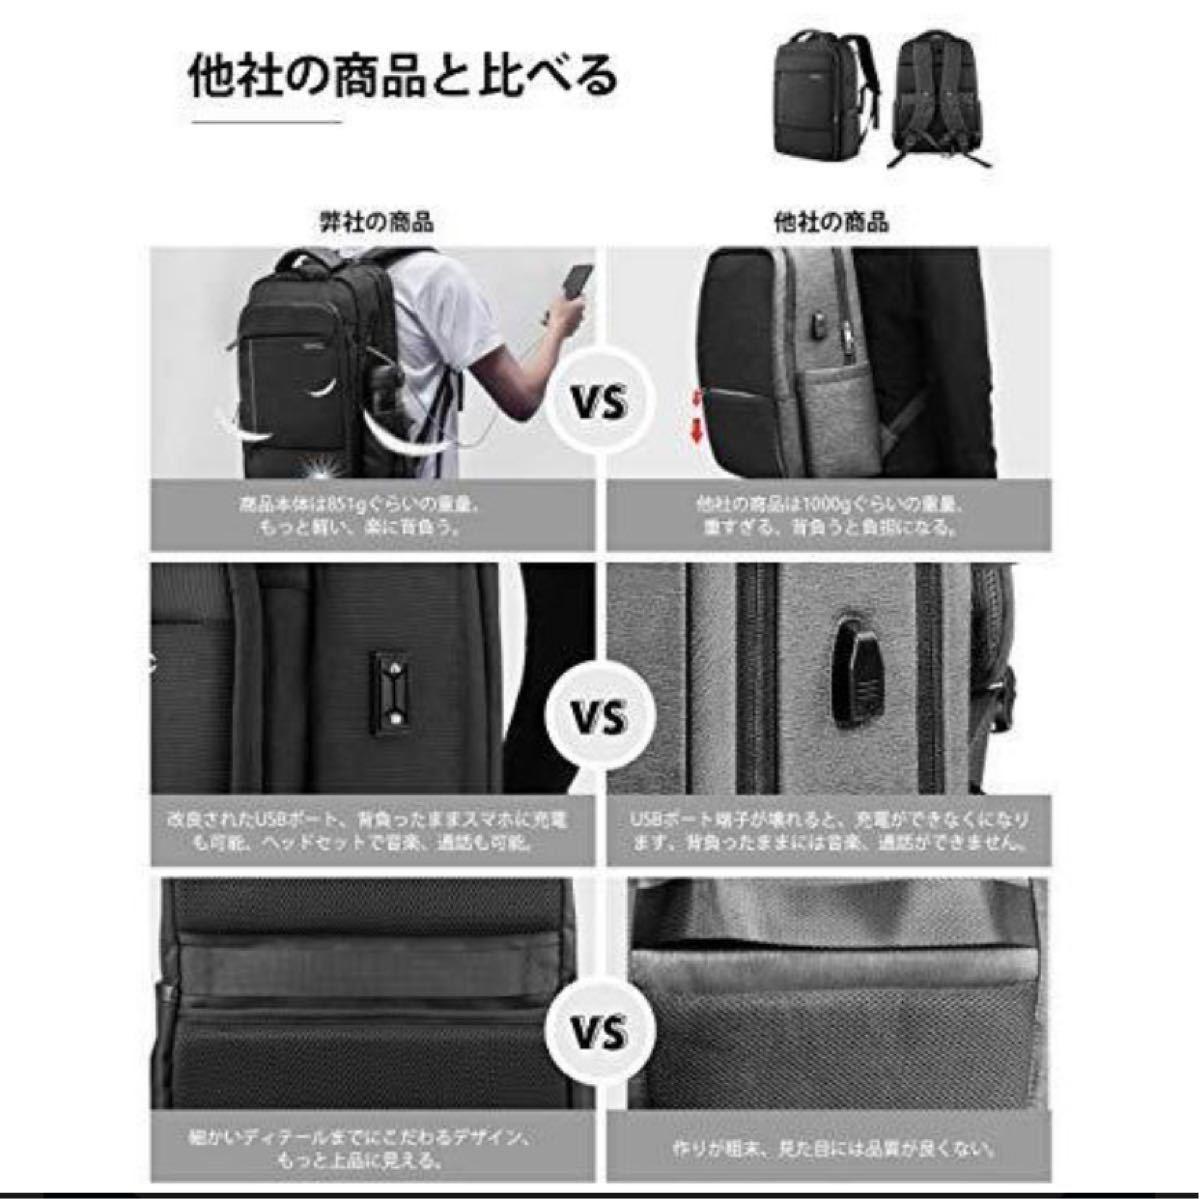 ビジネスリュック バックパック 大容量 15.6インチノートPC収納 USBケーブル&イヤホン穴付き (ブラック) 45*